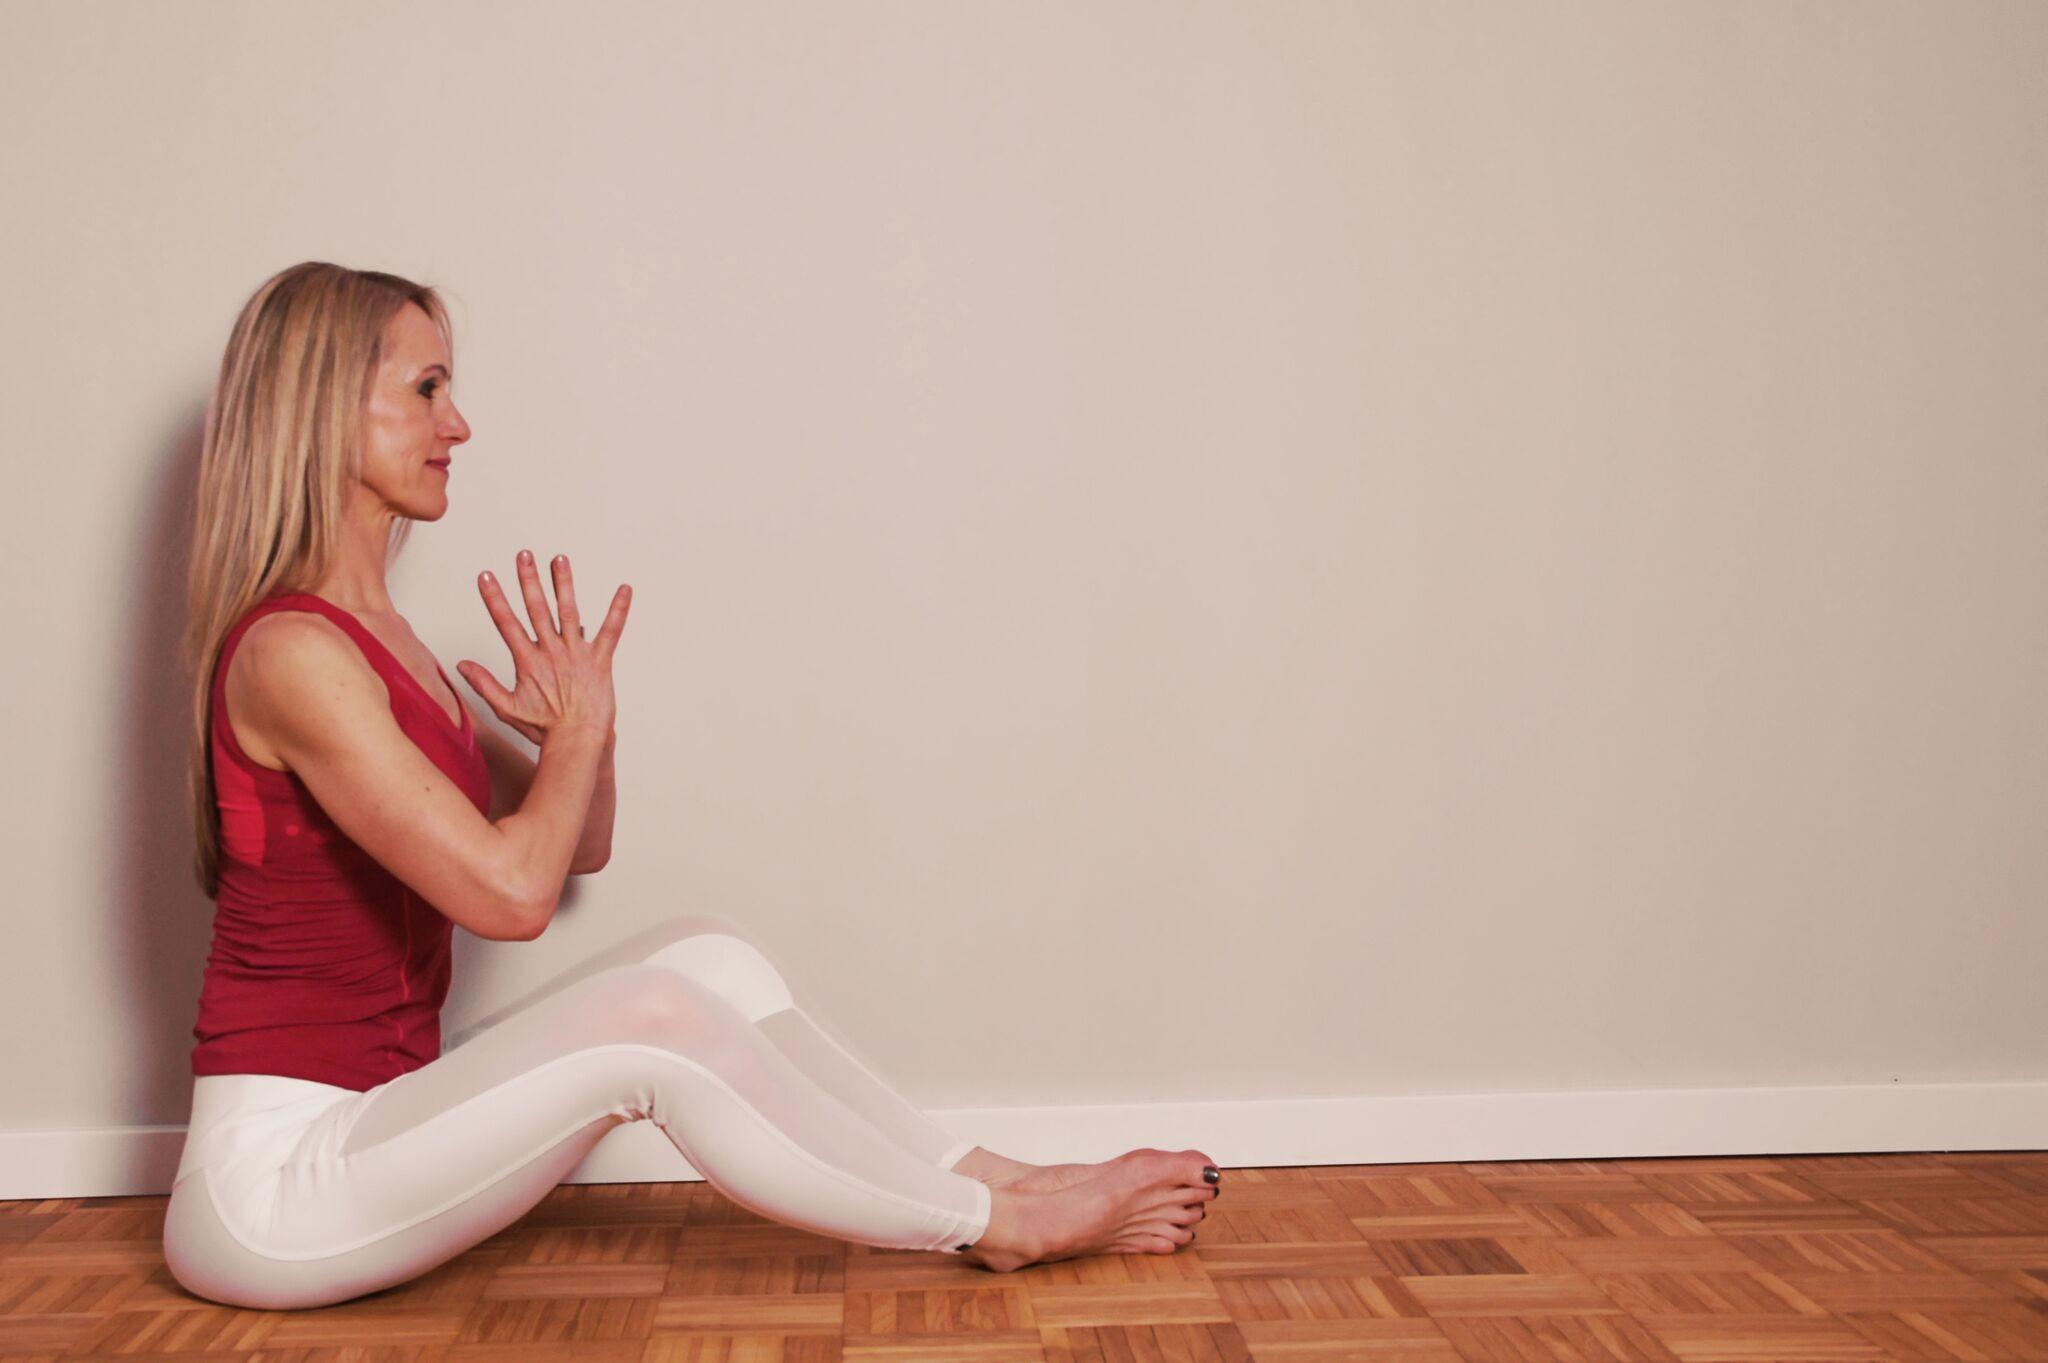 Yoga-Figuren lassen sich gut merken: Sie sind oft sinnbildlich und erinnern Yogis und Yoginis oft an Tiere, Pflanzen oder Naturerscheinungen.